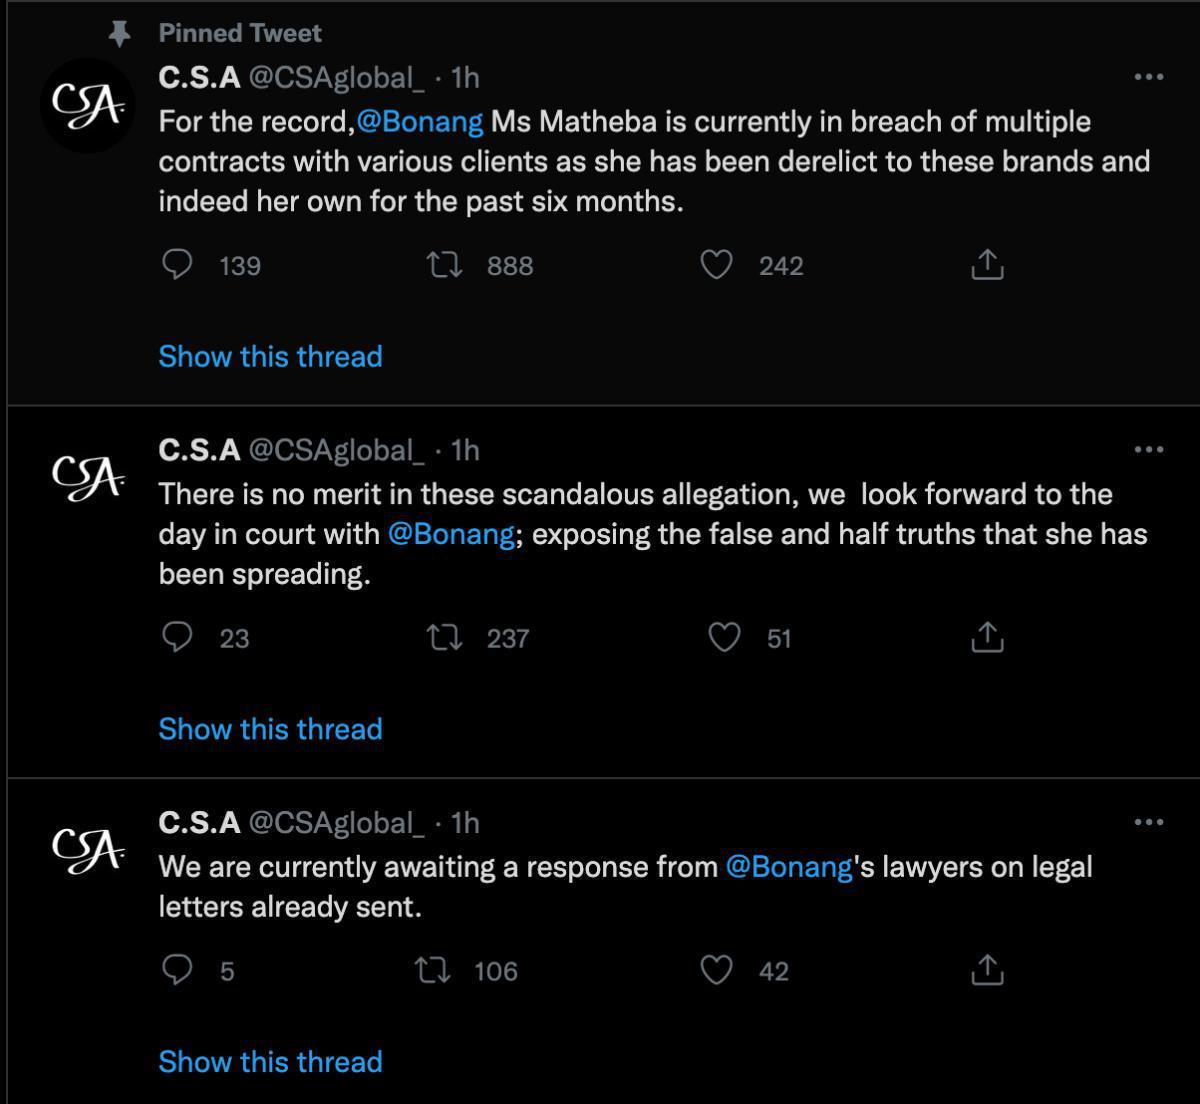 Bonang Matheba has terminated contract with (CSA Global) her management group